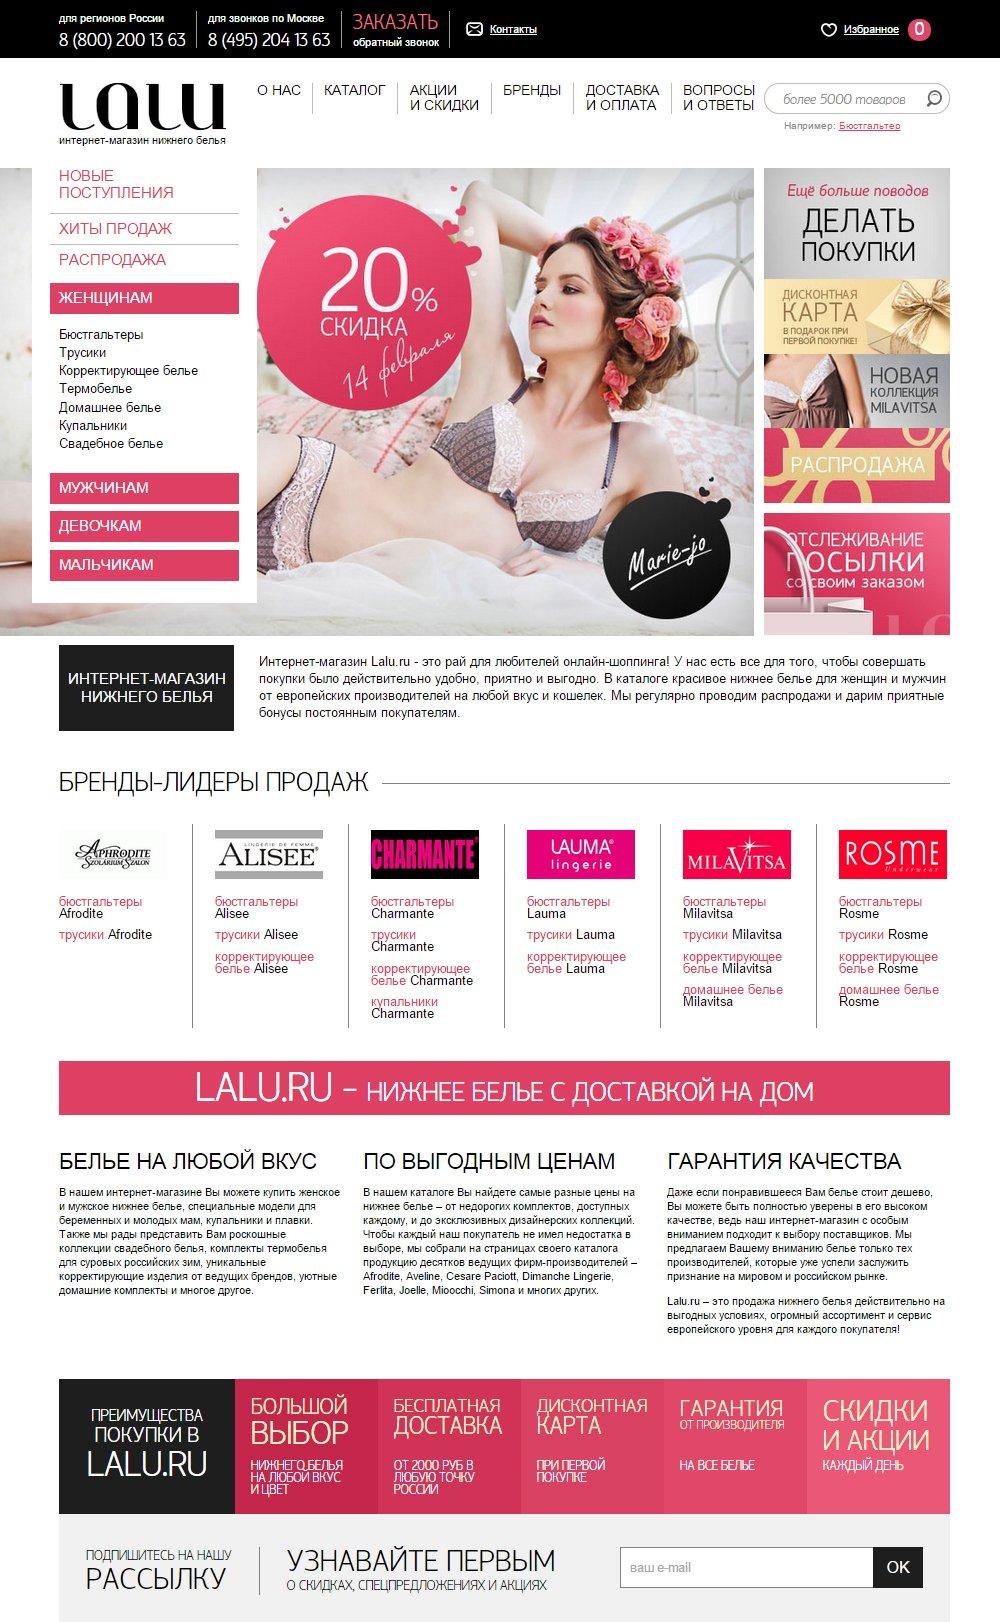 Главная страница интернет-магазина Lalu.ru